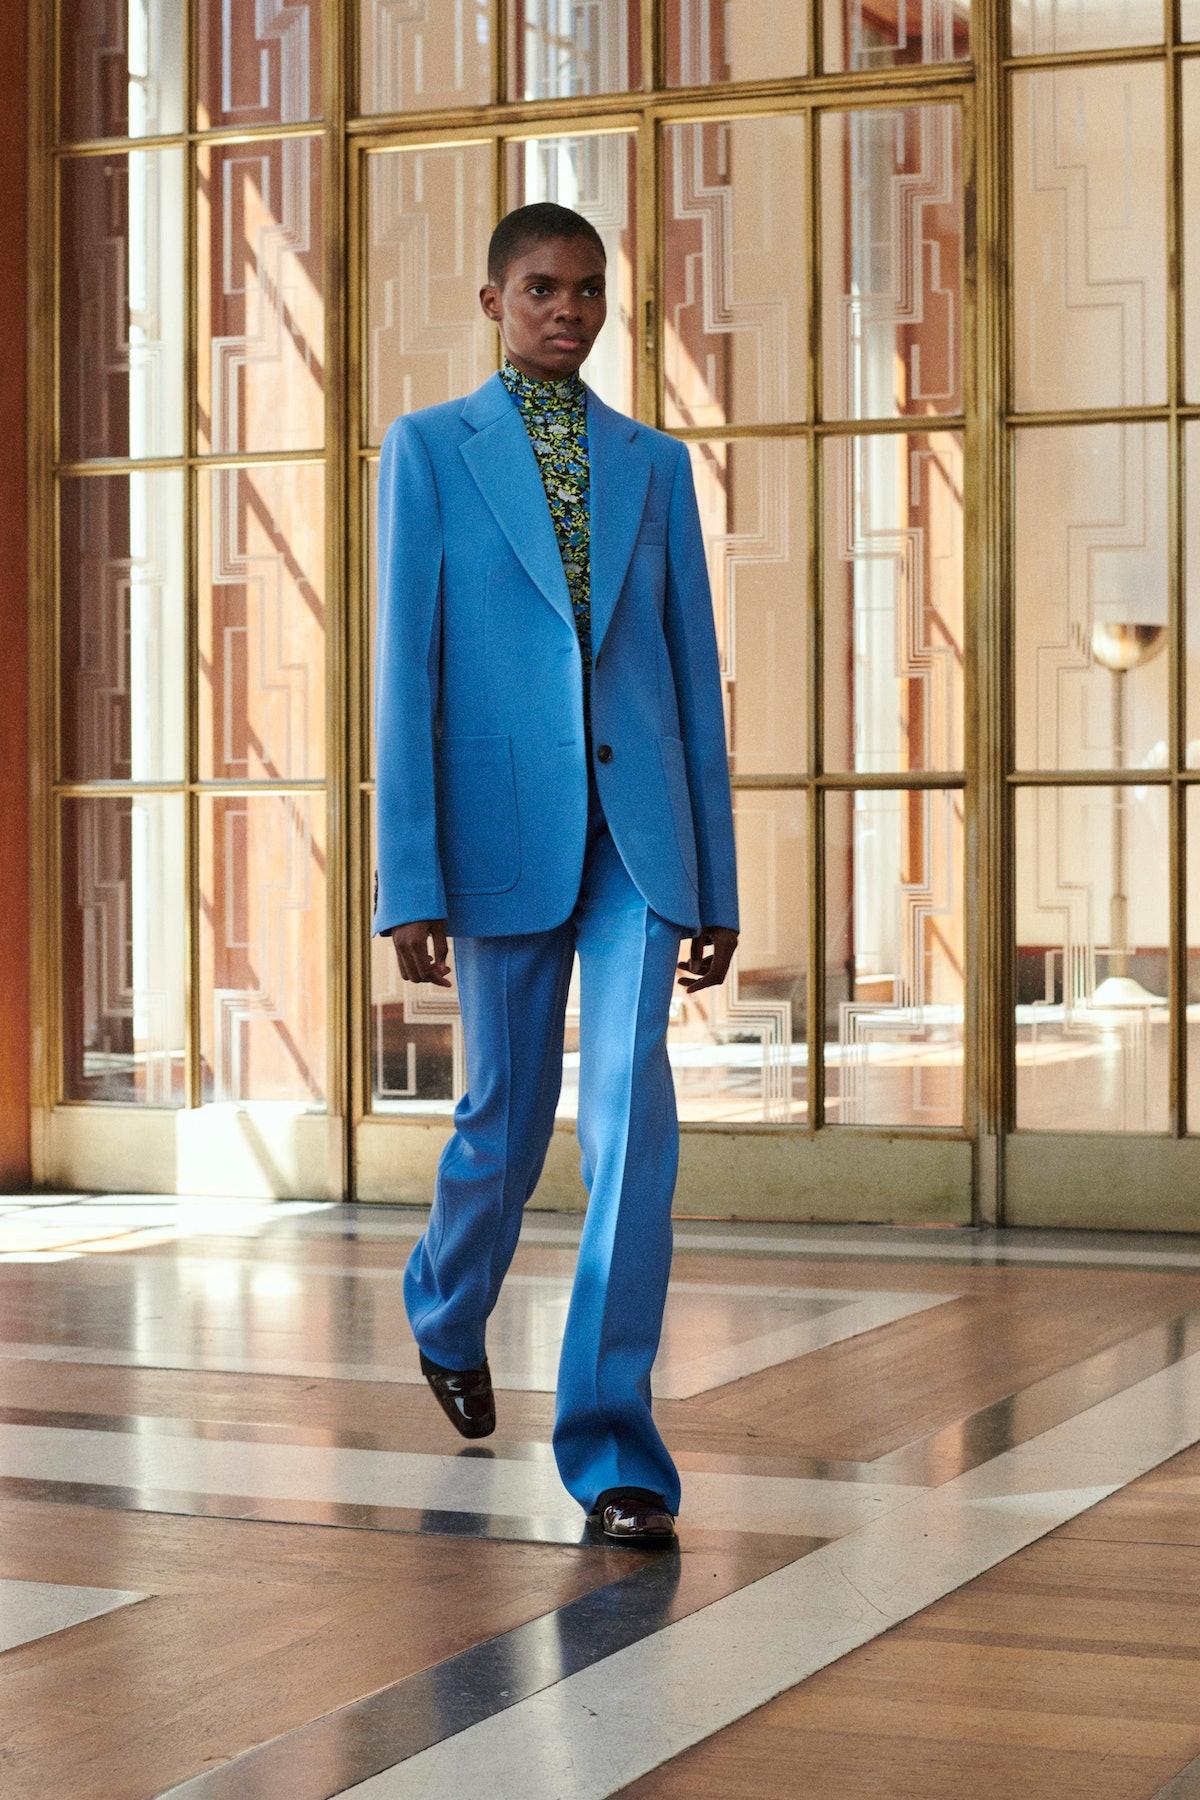 Model in blue suit